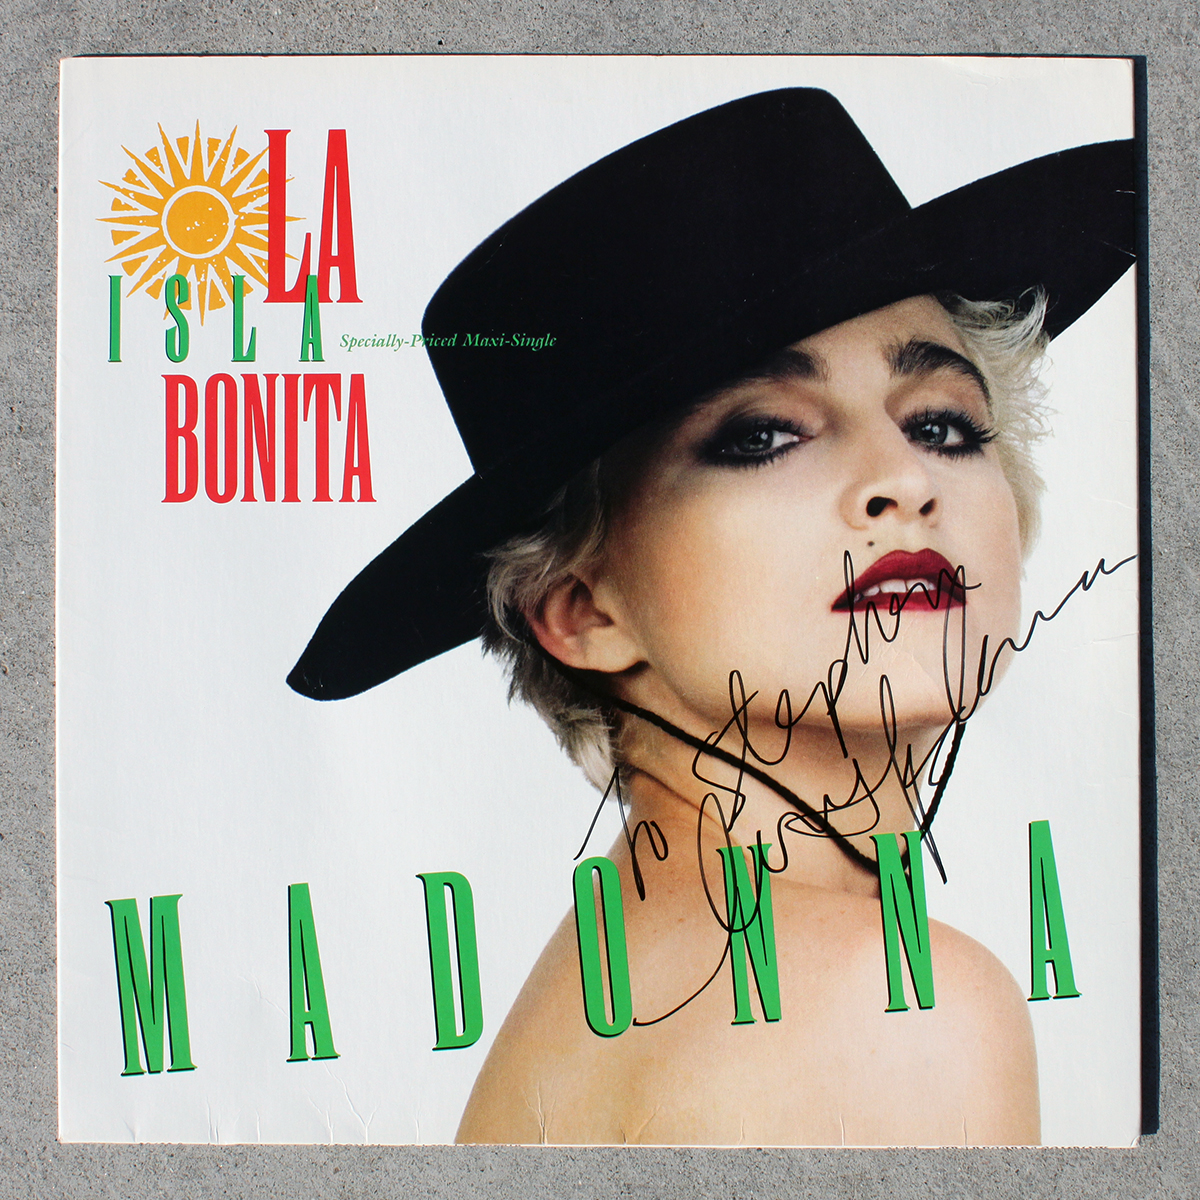 LP - Madonna - La Isla Bonita